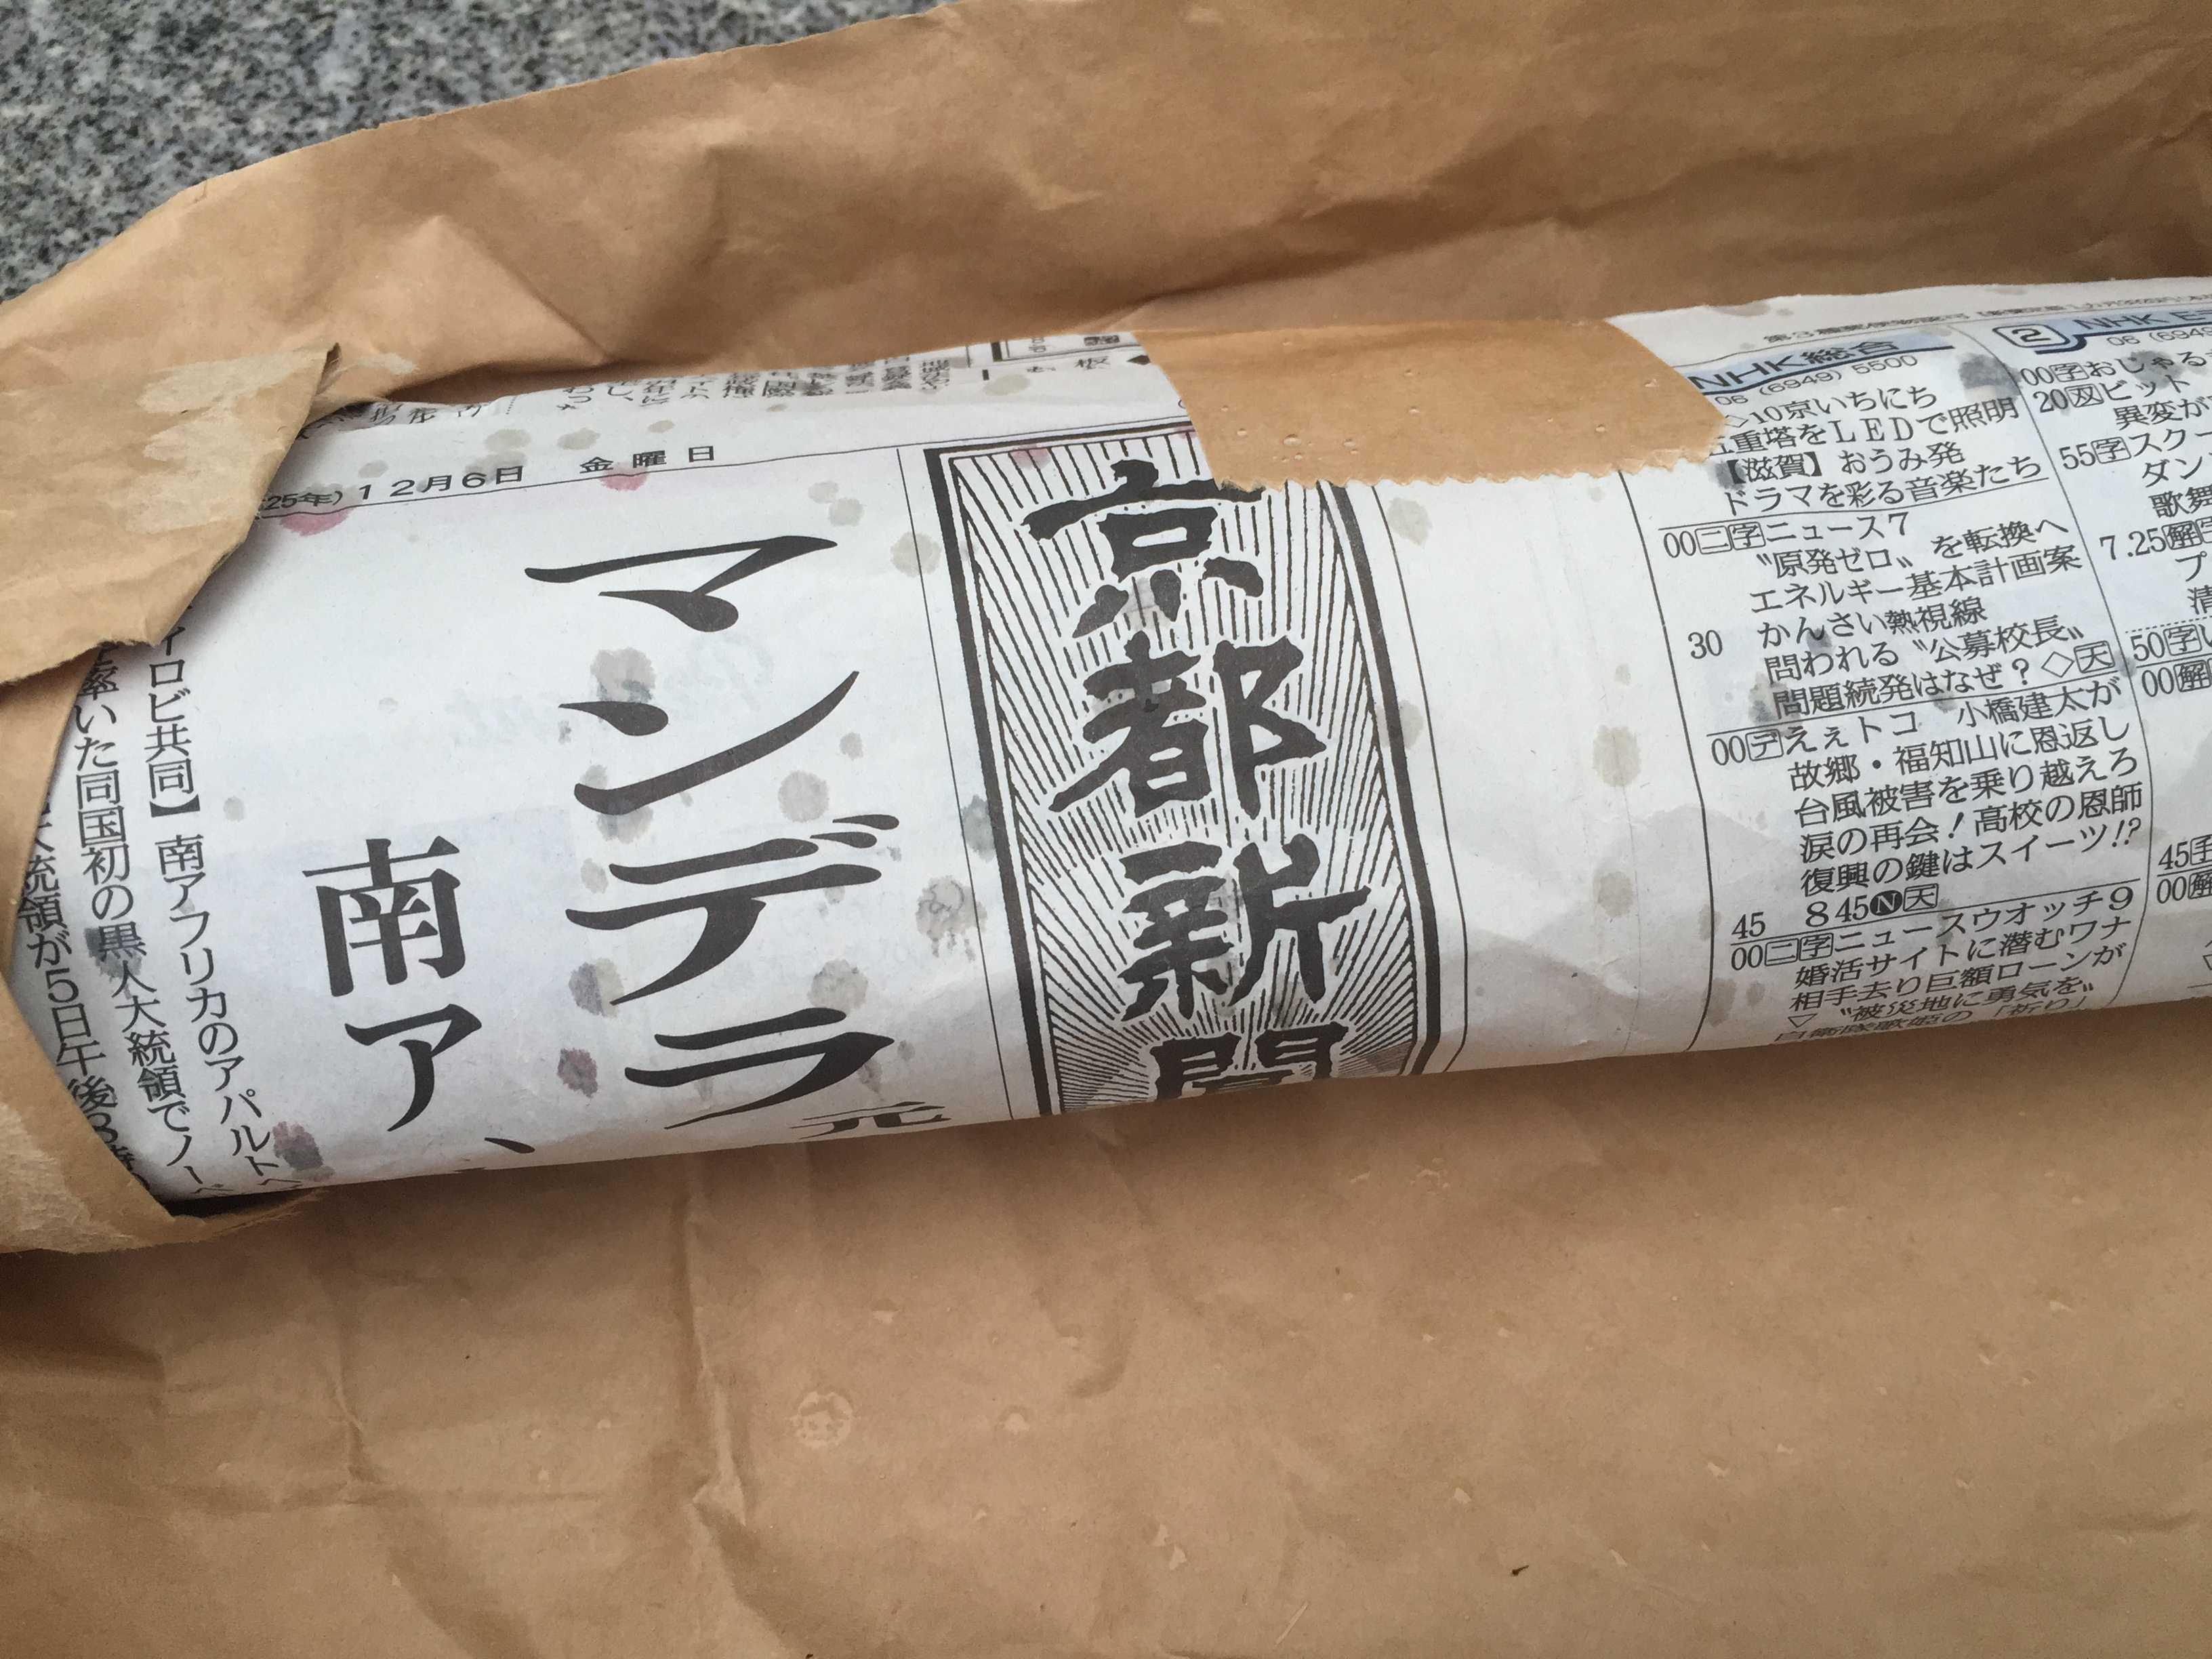 京都新聞 - ネルソン・マンデラ氏死去